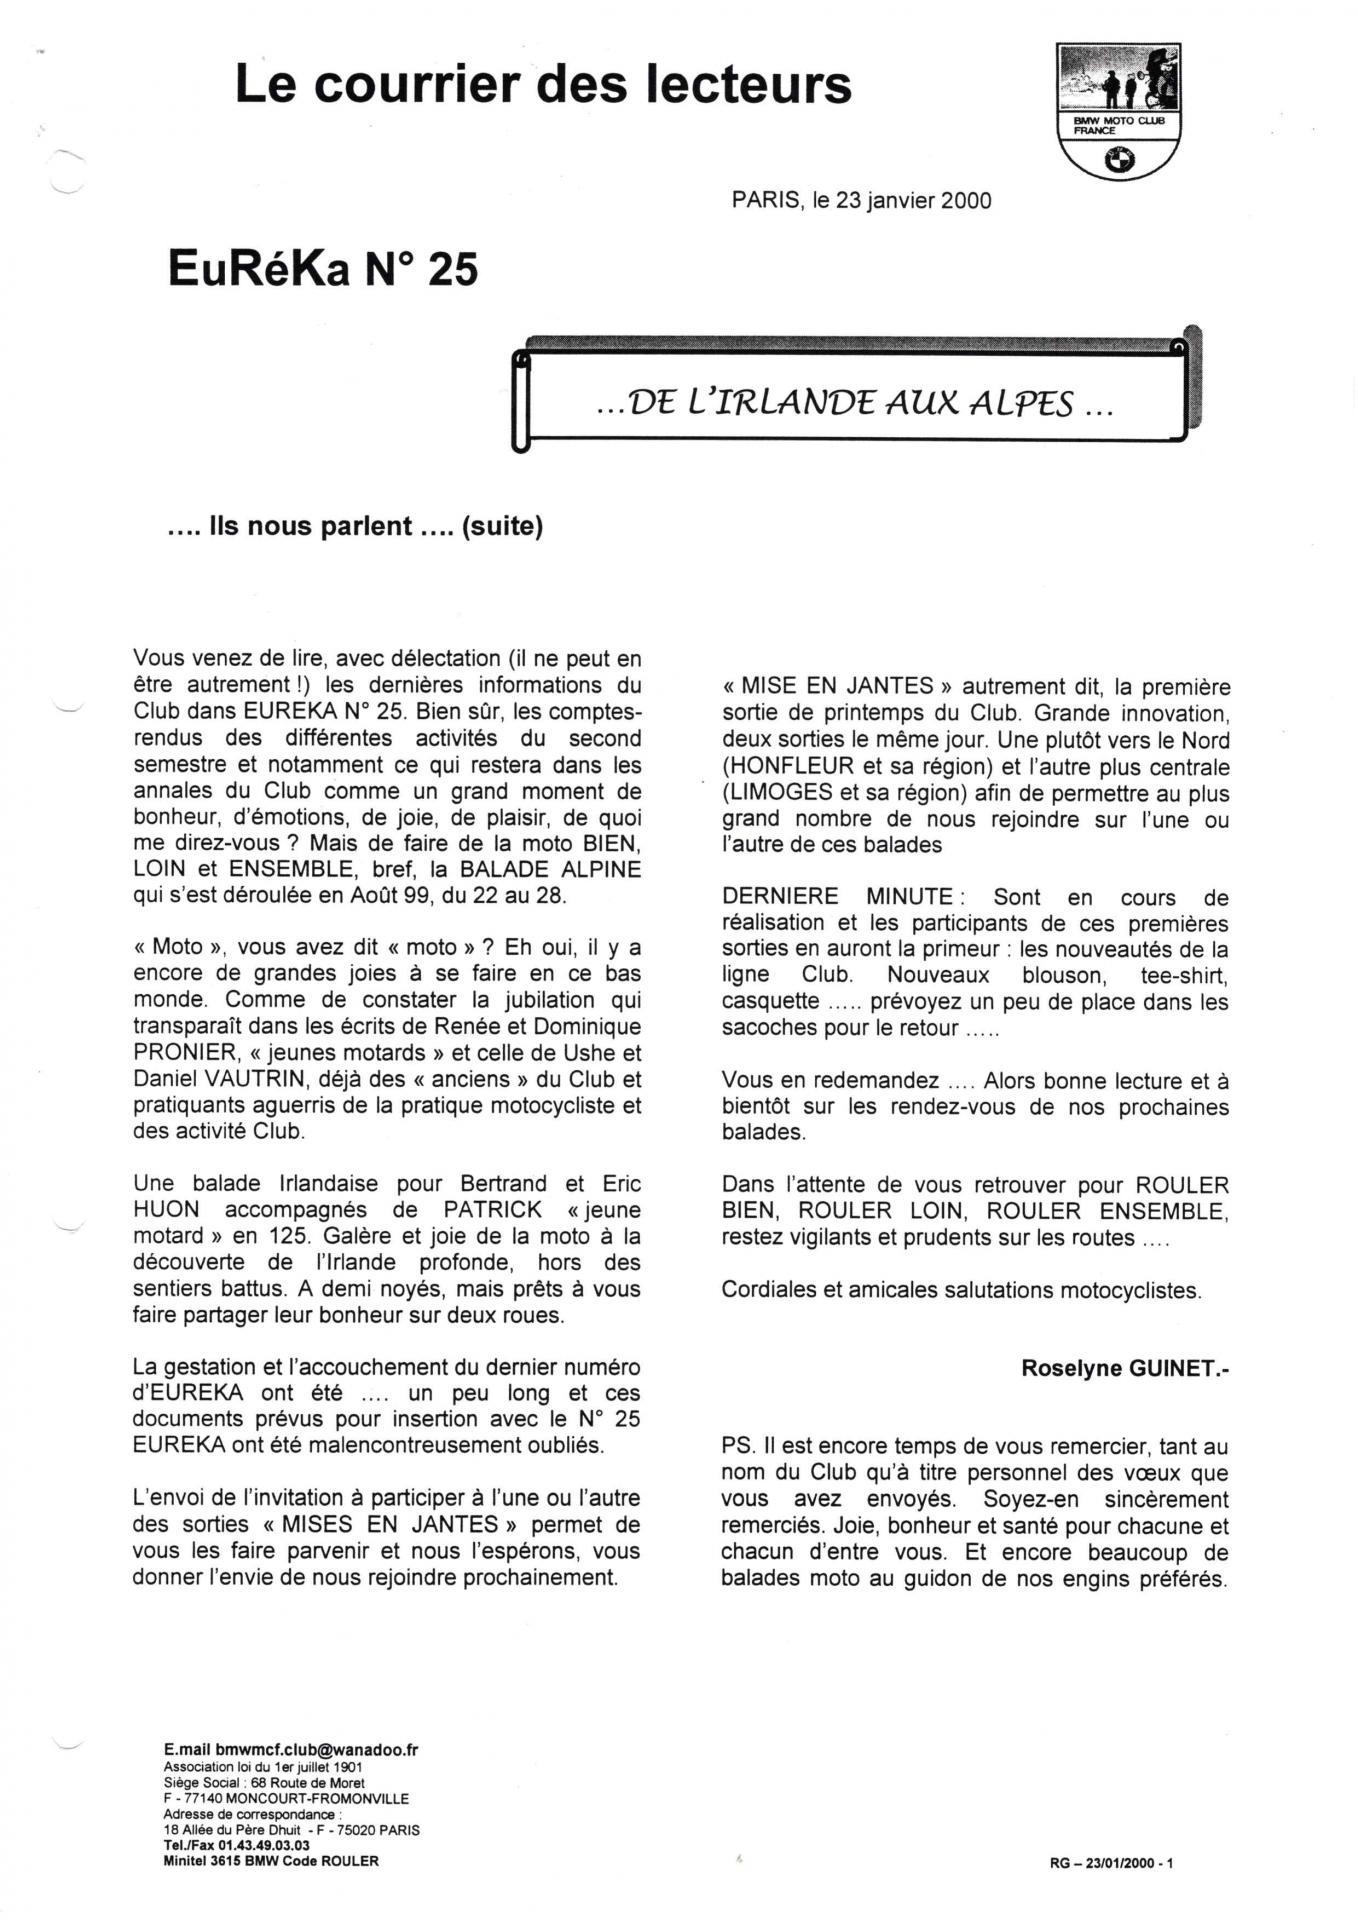 Eureka n 25 courrier lecteur page 1